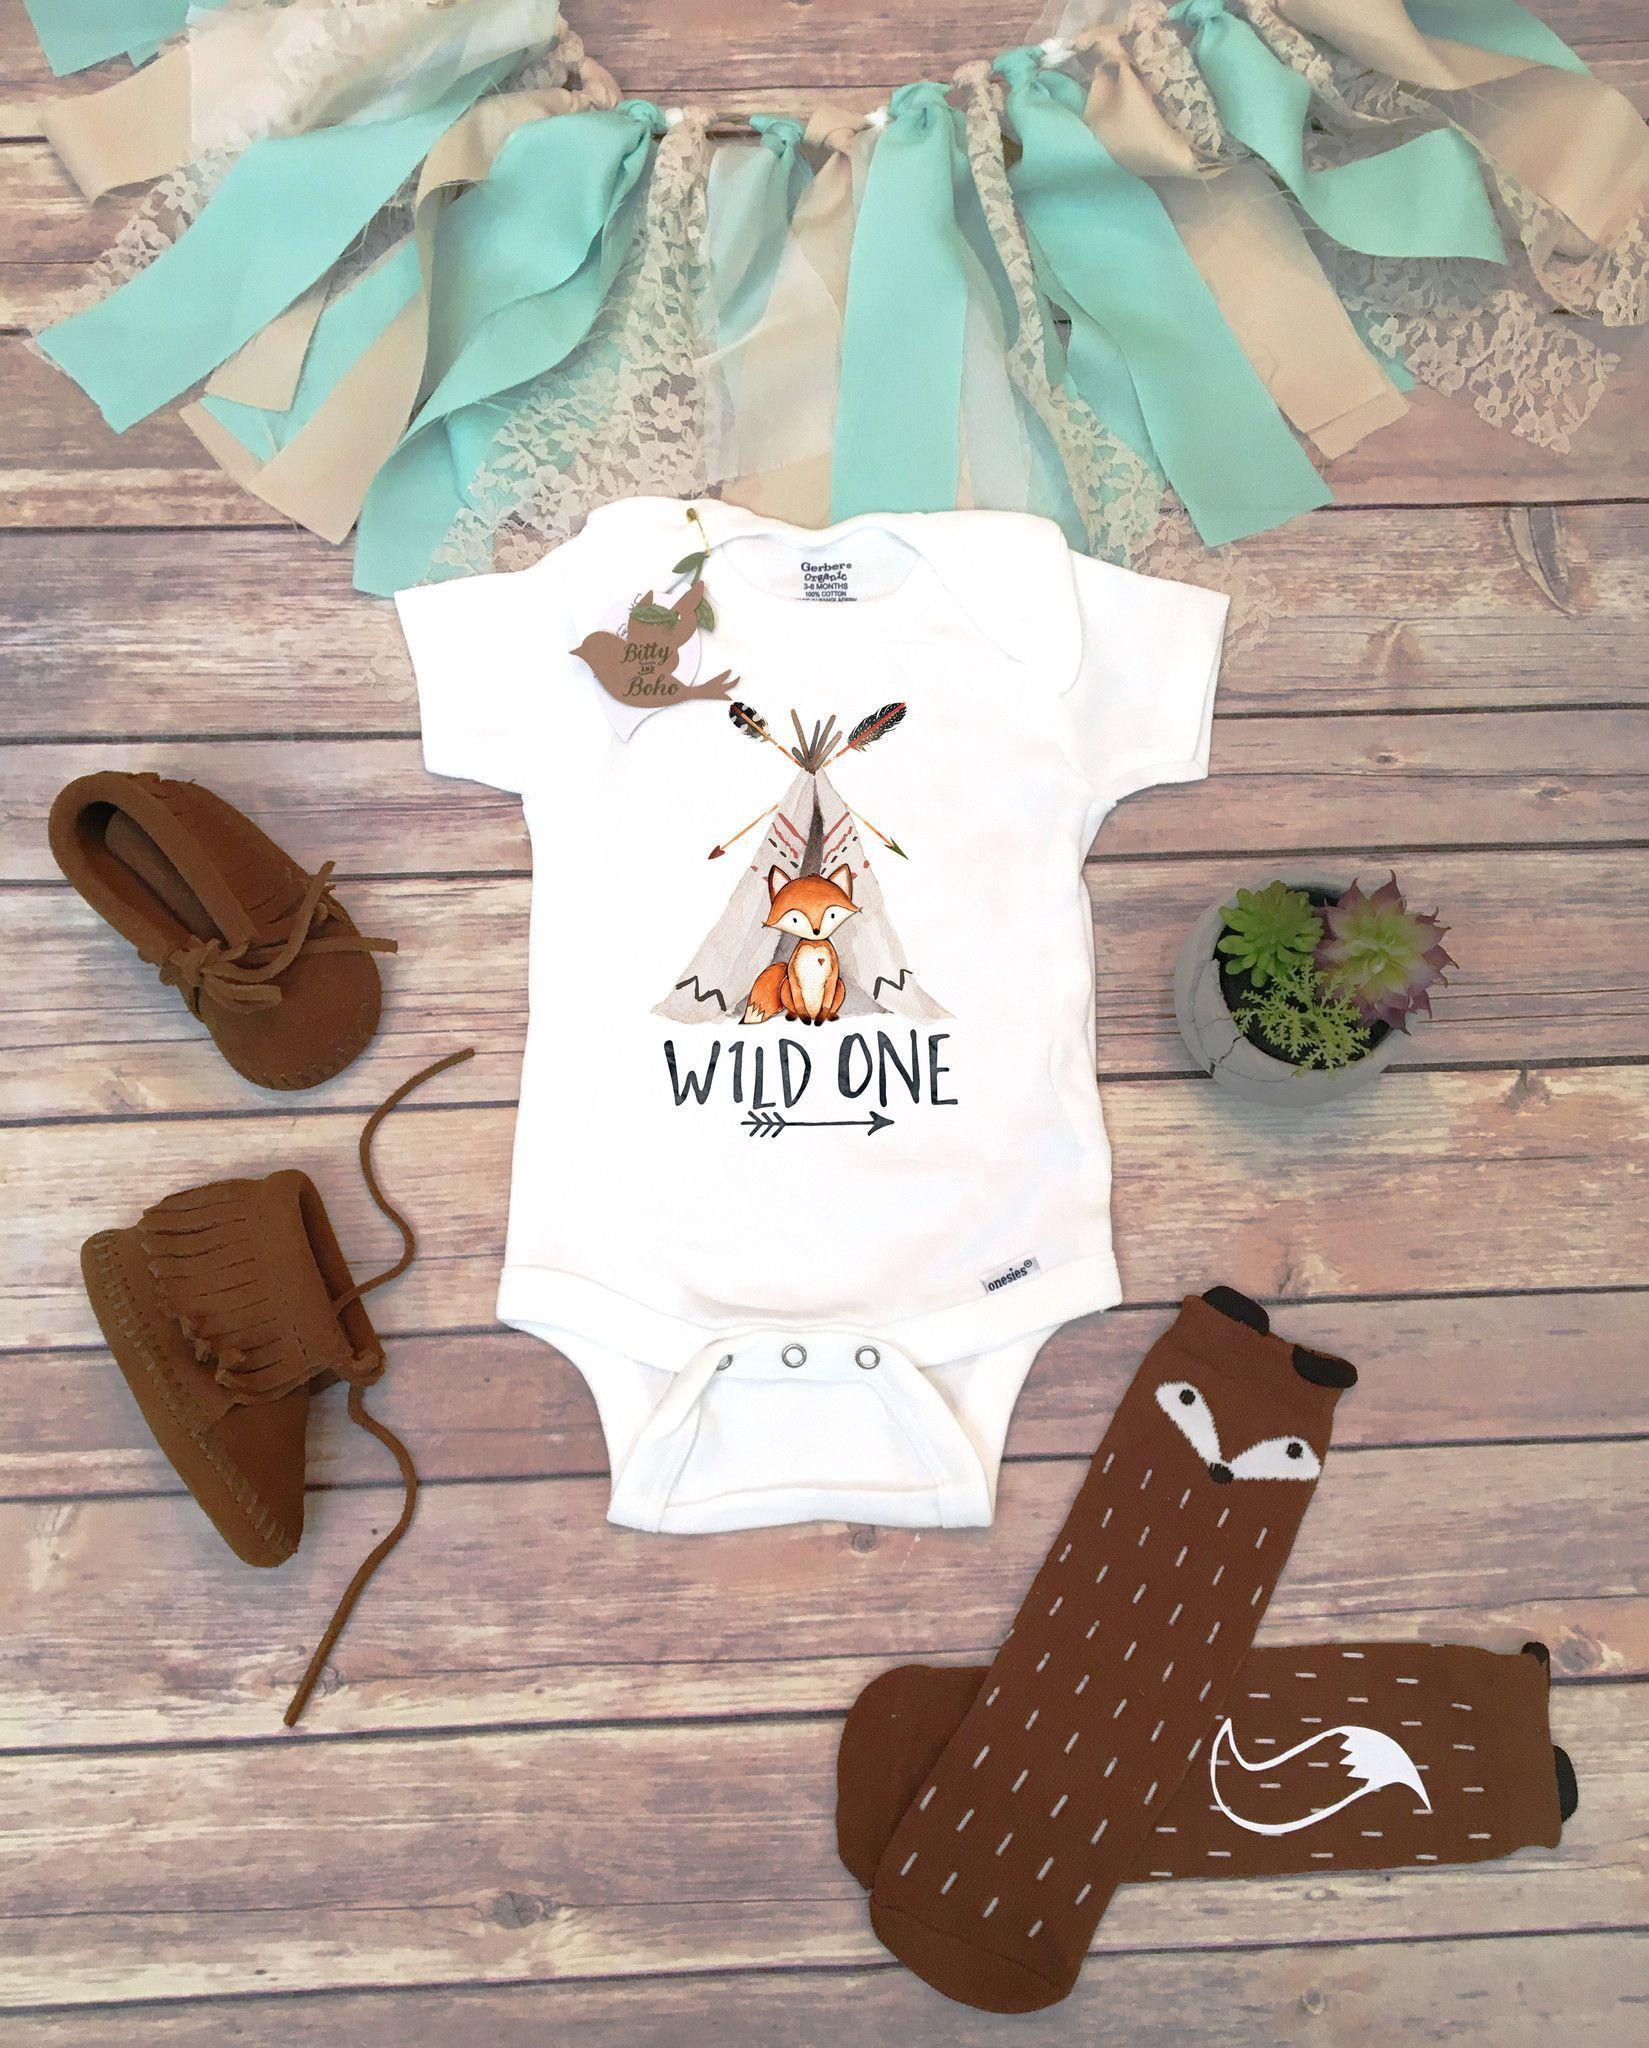 da3955308 First Birthday Boy, Wild One Onesie®, Fox Birthday Shirt, Woodland Birthday,  First Birthday Outfit Boy,Woodland Fox Birthday Party One Shirt